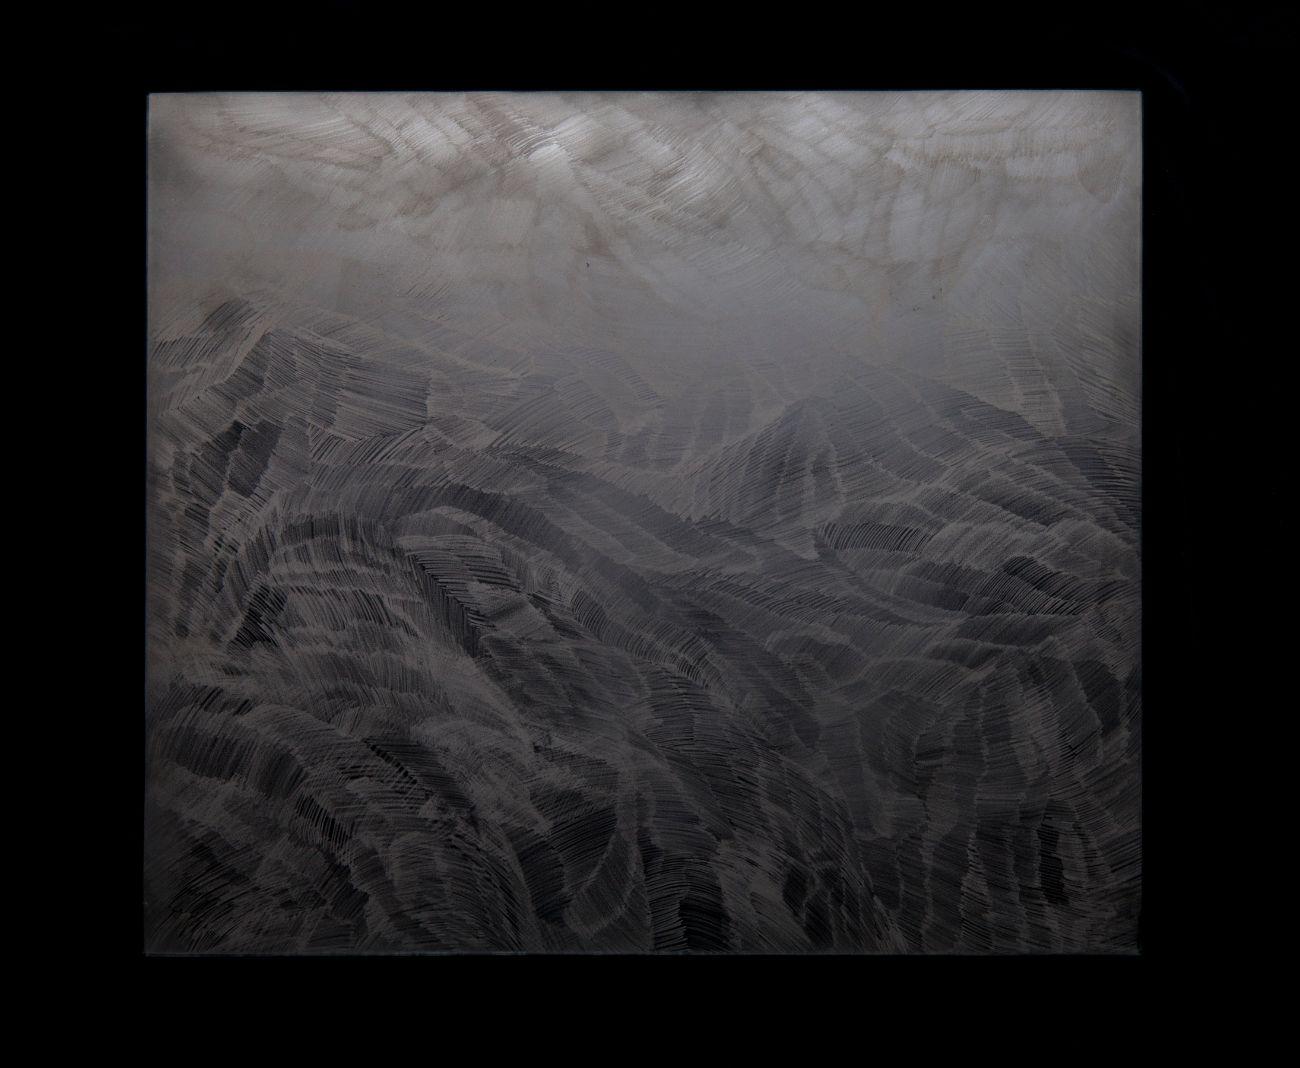 3. zo série Oceano, 35x30cm, maľba a kresba na skle, 2017